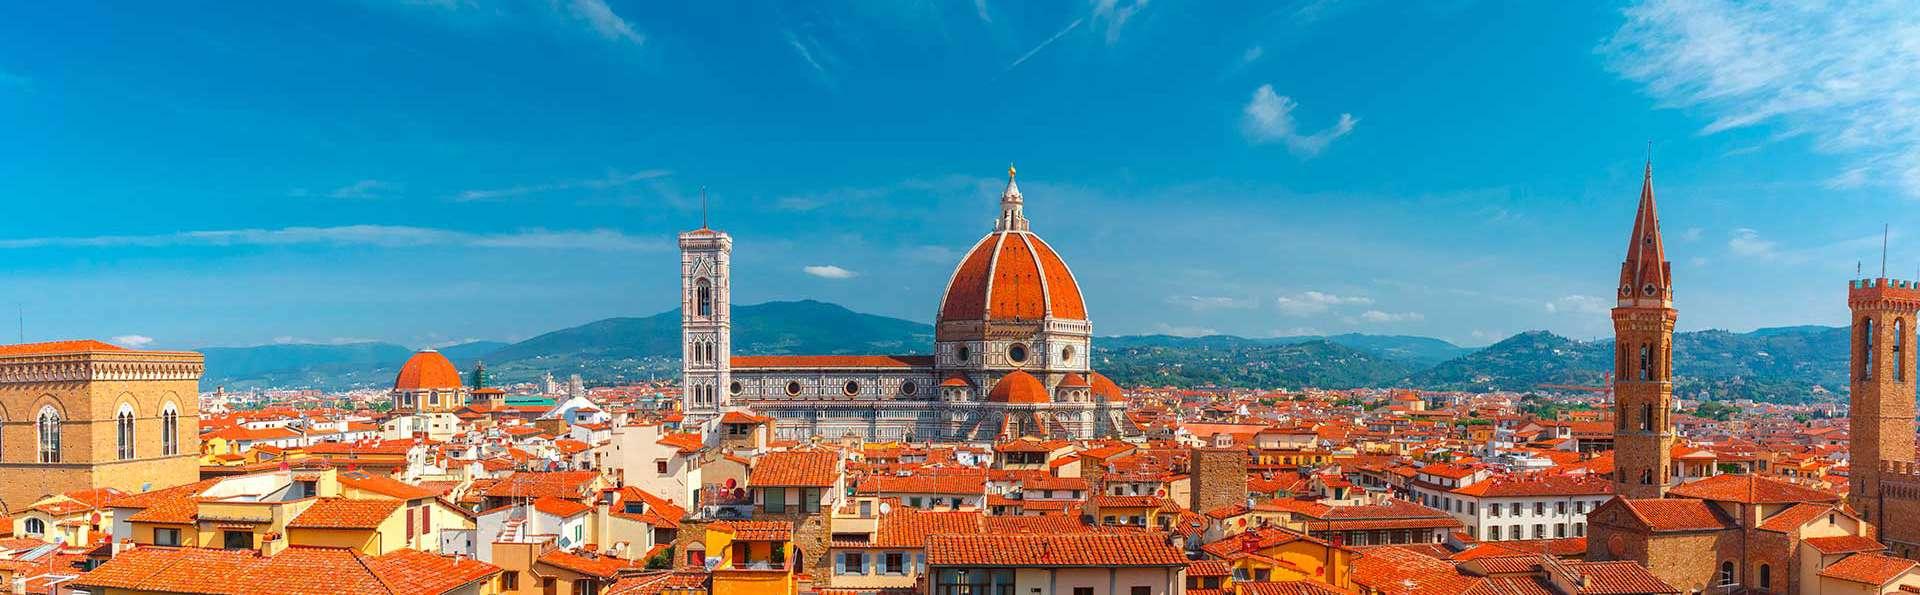 Pied-à-terre idéal au cœur de Florence